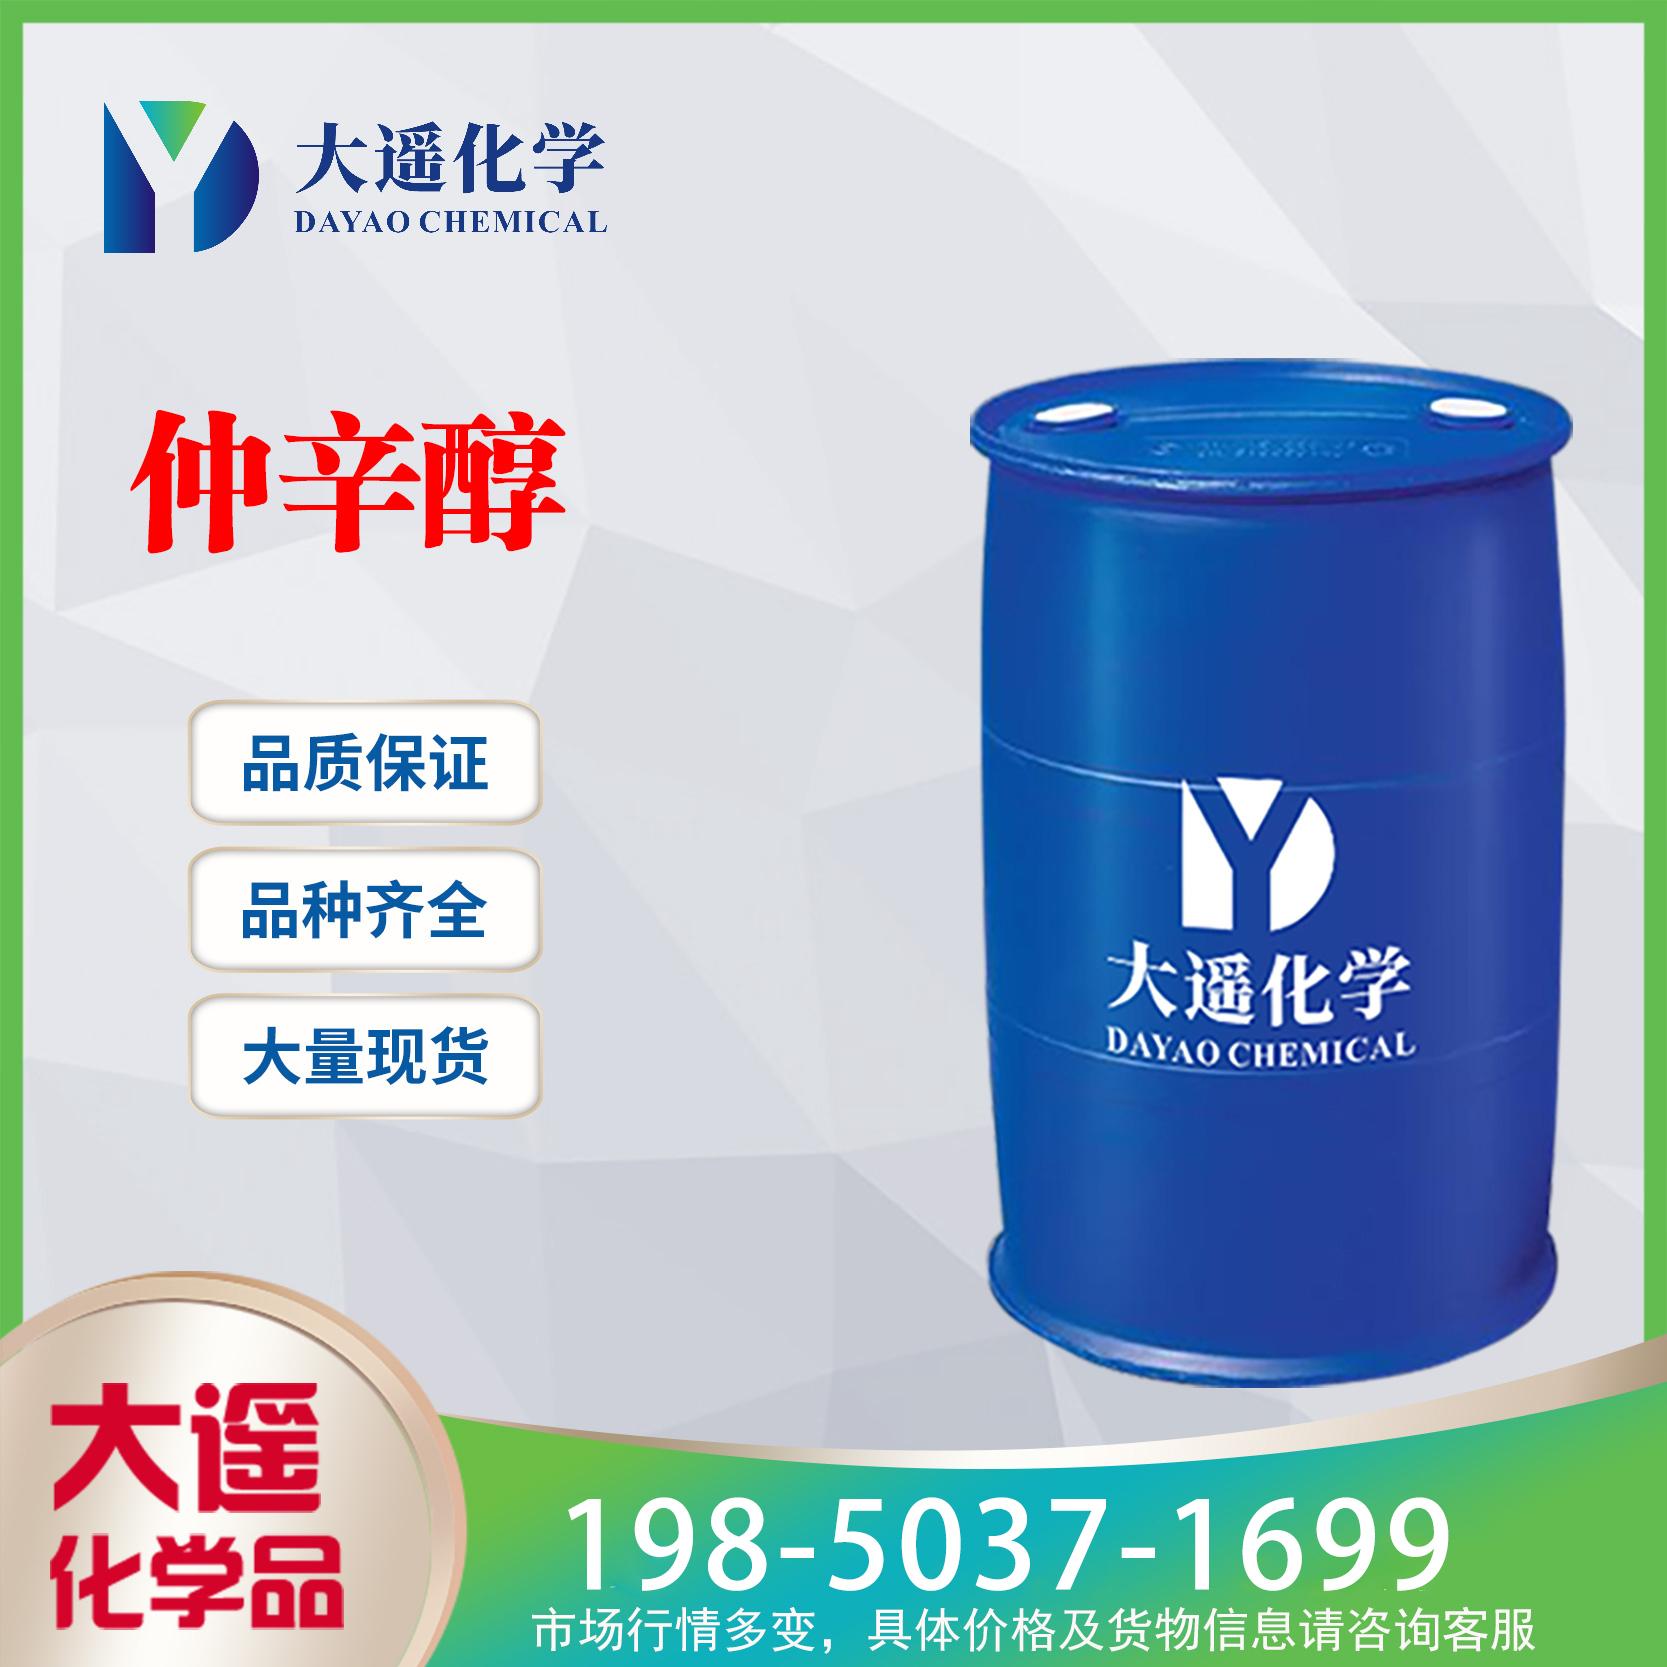 现货供应 仲辛醇 2-辛醇 己基甲基甲醇 工业级99% 123-96-6